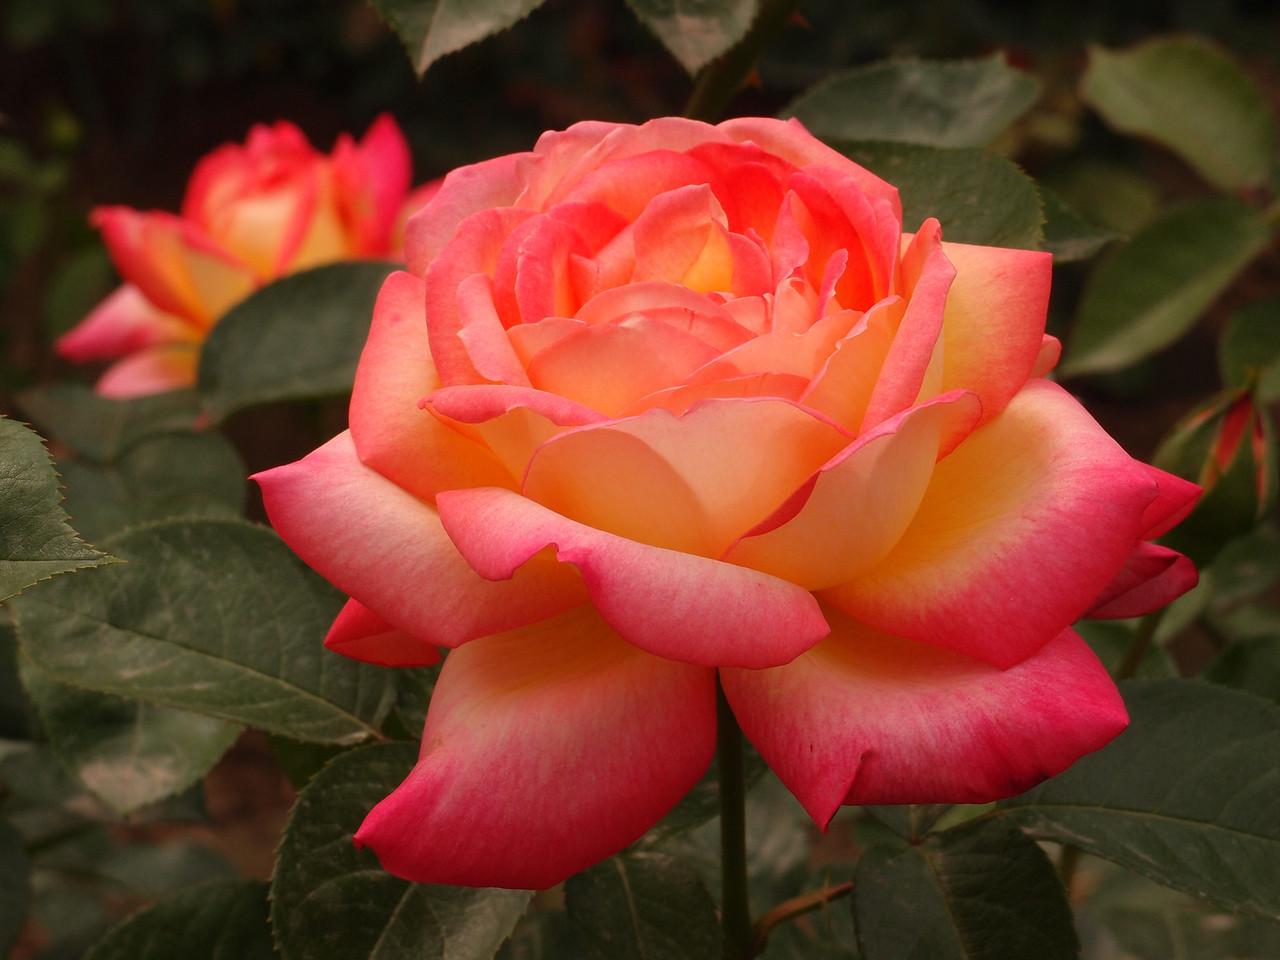 20120513_1349_0381 rose 北京植物园